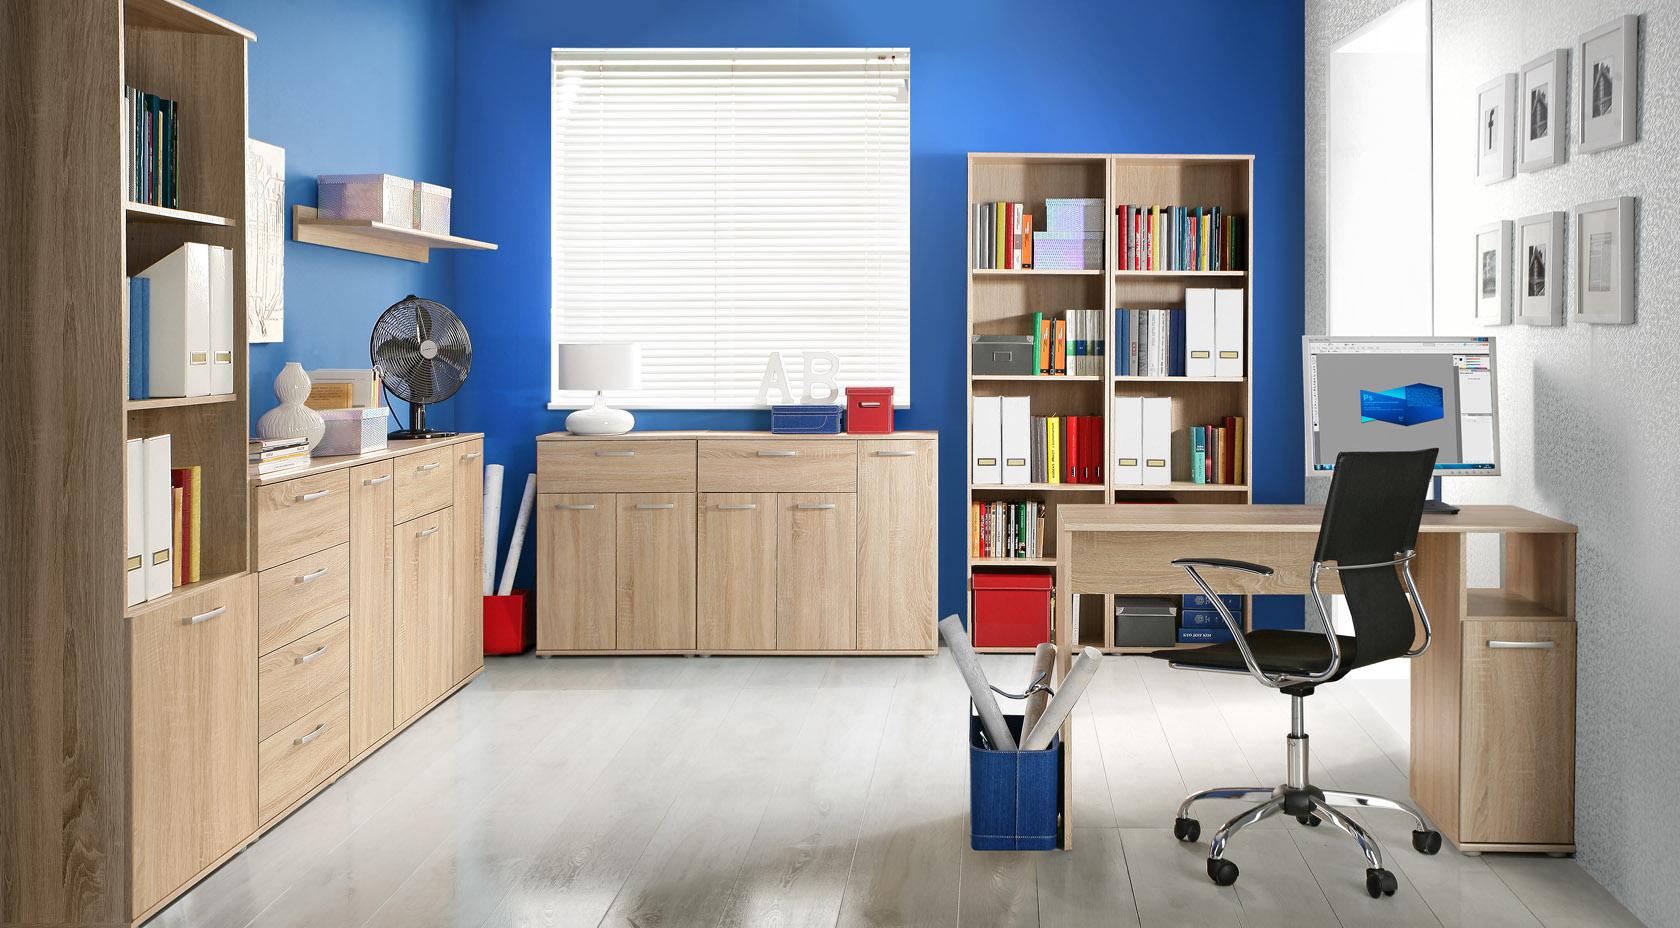 Meble z kolekcji Niko pozwalają na spójną aranżację całego mieszkania. Sprawdzą się zarówno w pokoju dziennym, jak i w pokoju młodzieżowym, w gabinecie, sypialni, a nawet w przedpokoju. Fot. Forte